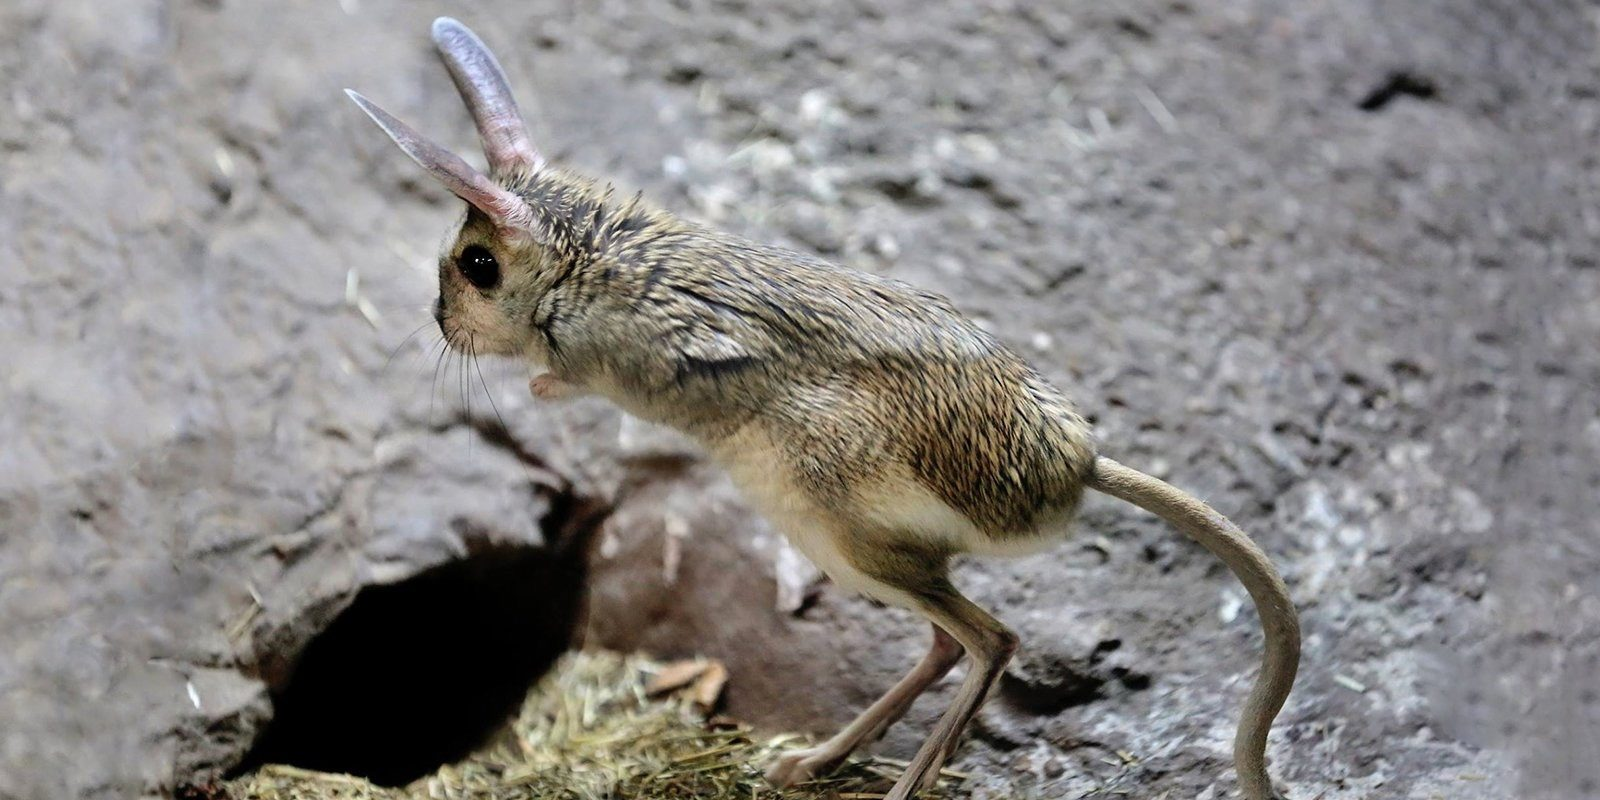 莫斯科动物园跳鼠苏醒迎春 | 活动资讯 | Moscow Seasons